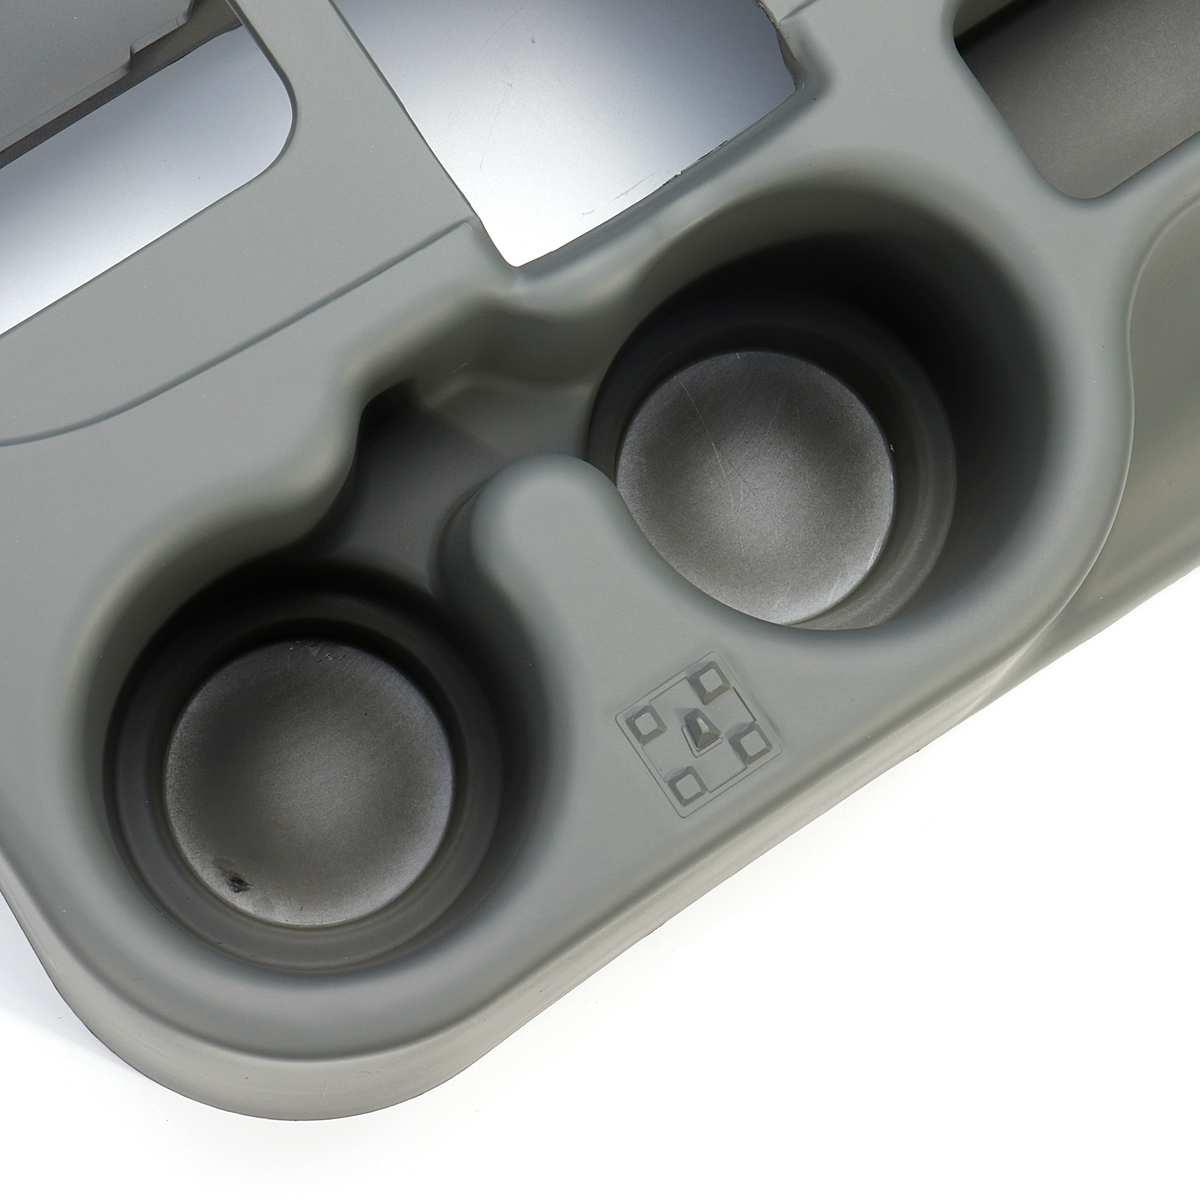 Assento de Carro Universal para a Lacuna do Telefone Caixa de Armazenamento Cinza Suporte de Copo Para DODGE RAM ADD ON 1500/2500/3500 2003 2012 acessórios Do Carro - 4